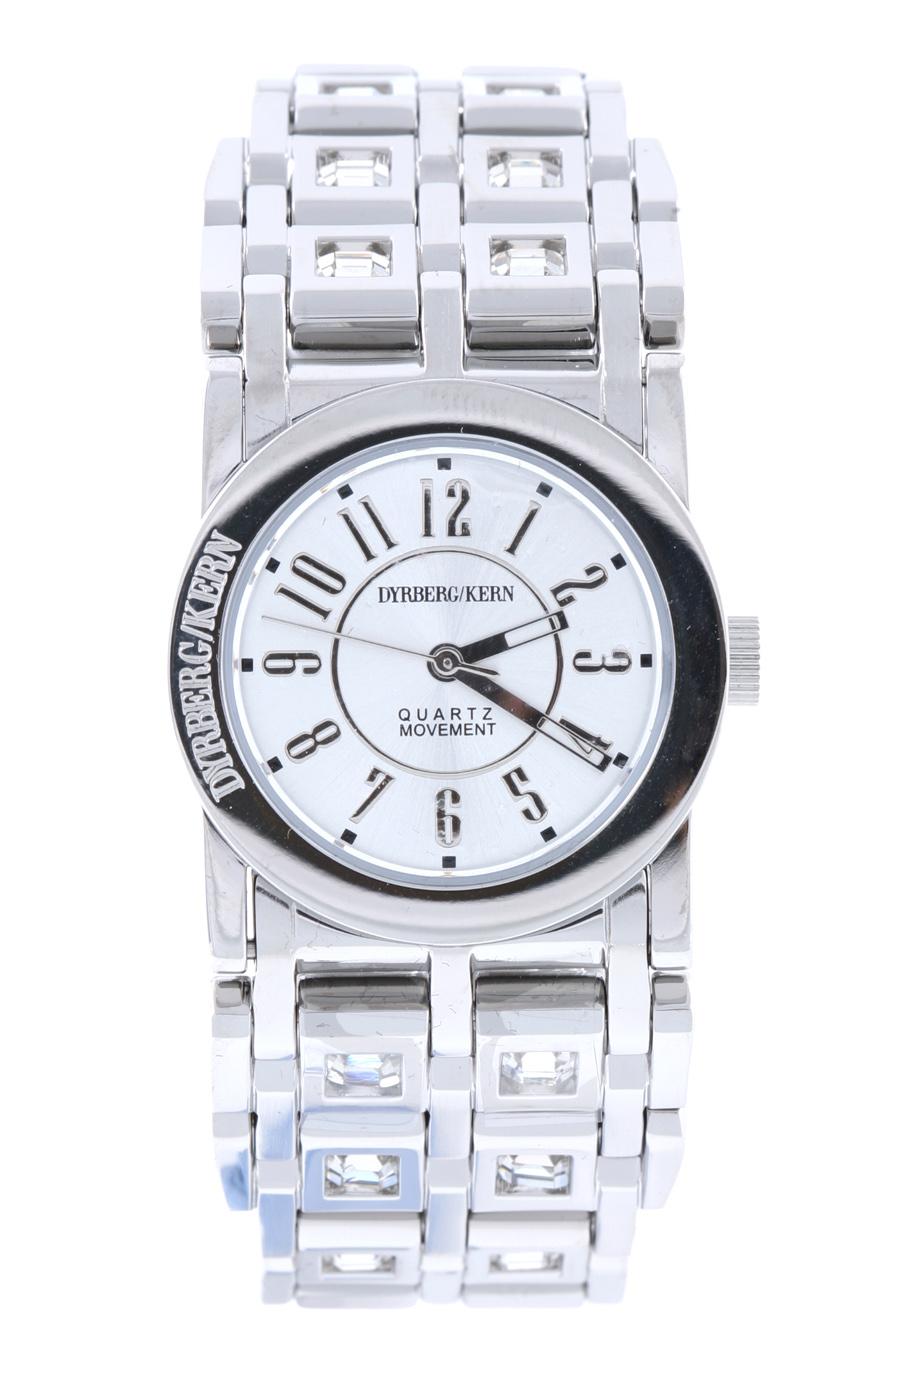 Γυναικεία ρολόγια Dyrberg Kern – Προσφορές ece553a05f4